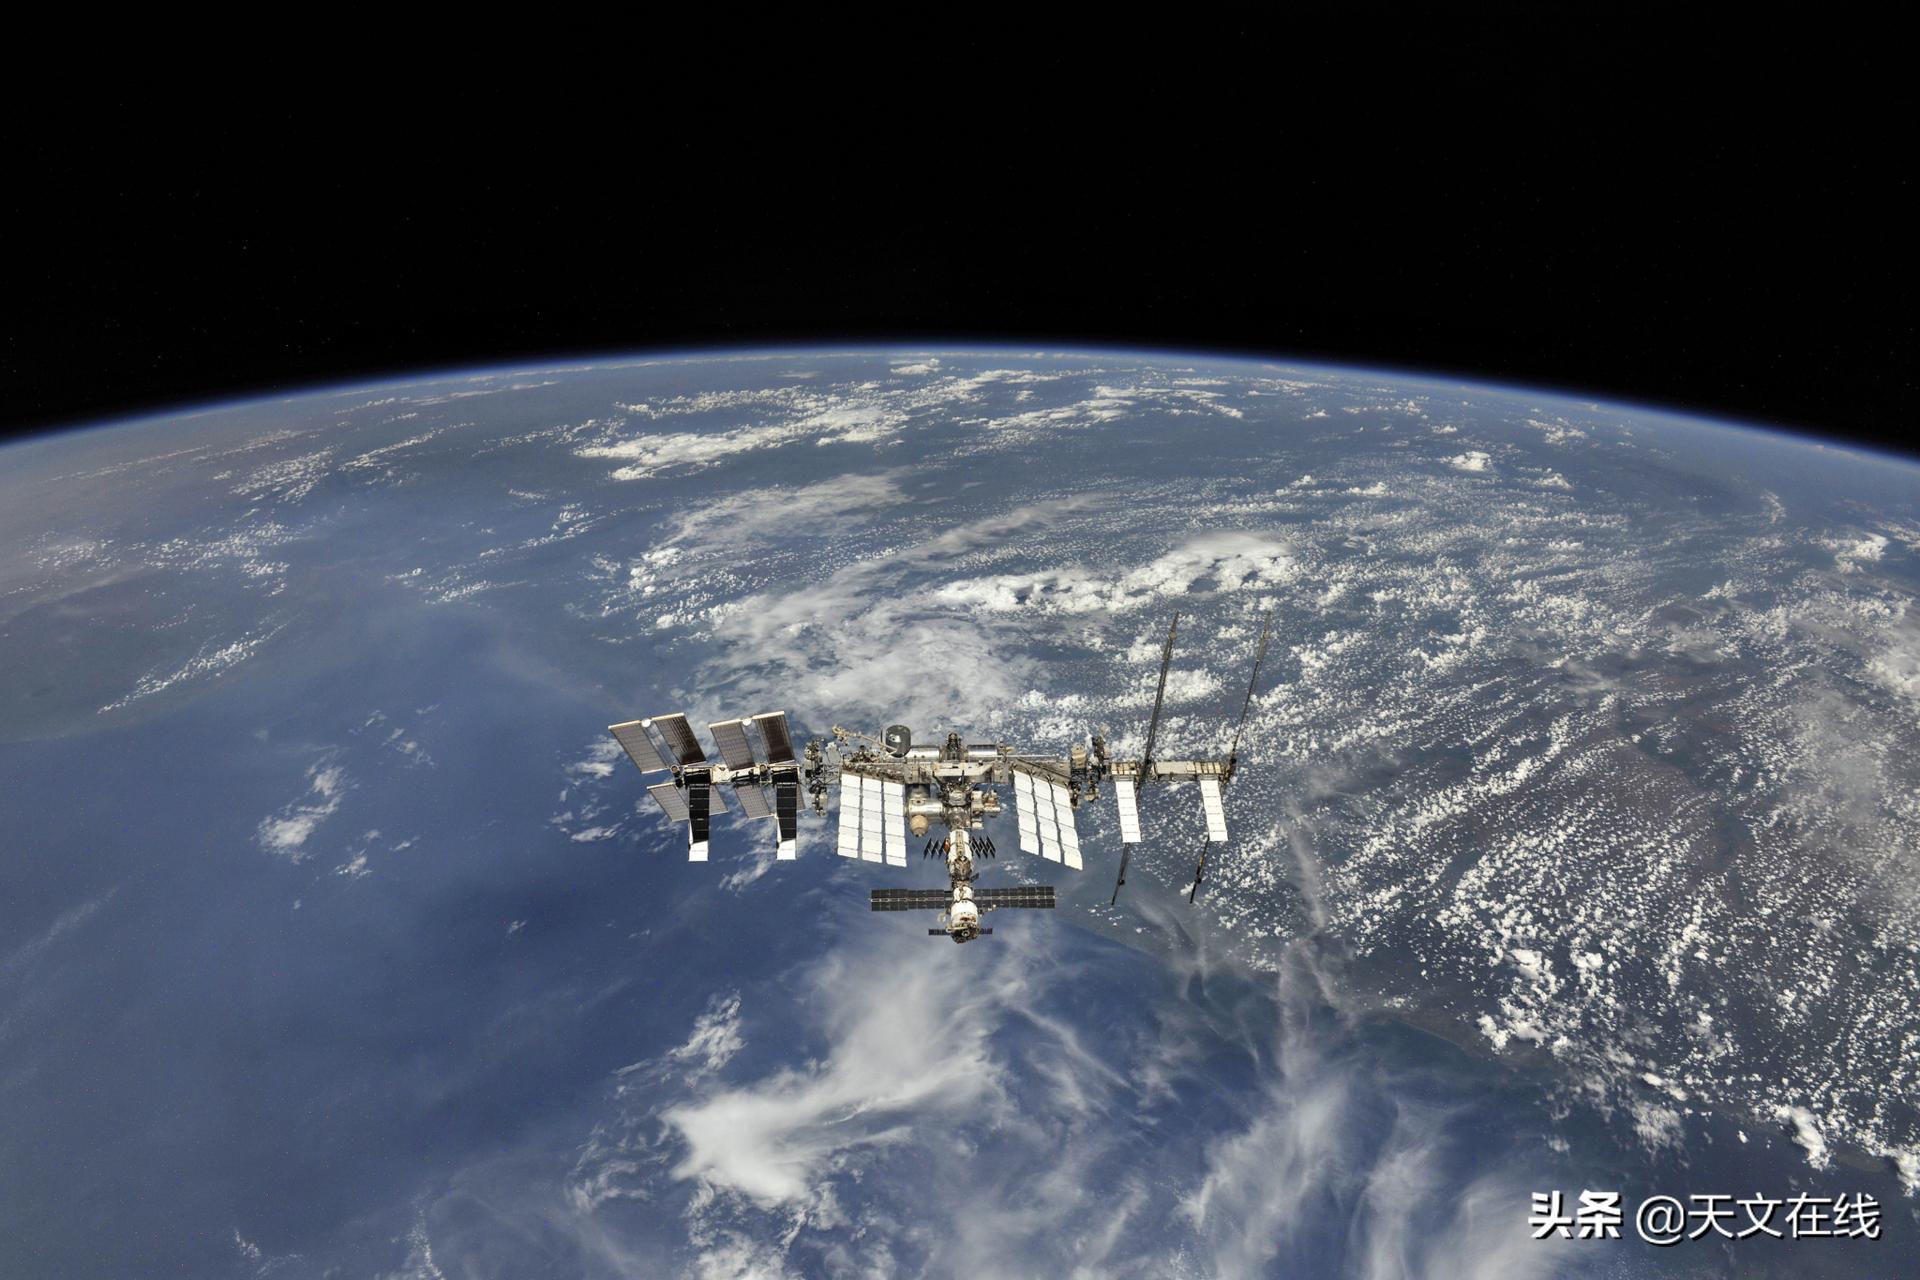 国际空间站并非一尘不染!细菌家族扩充领地,但不会扩大危险